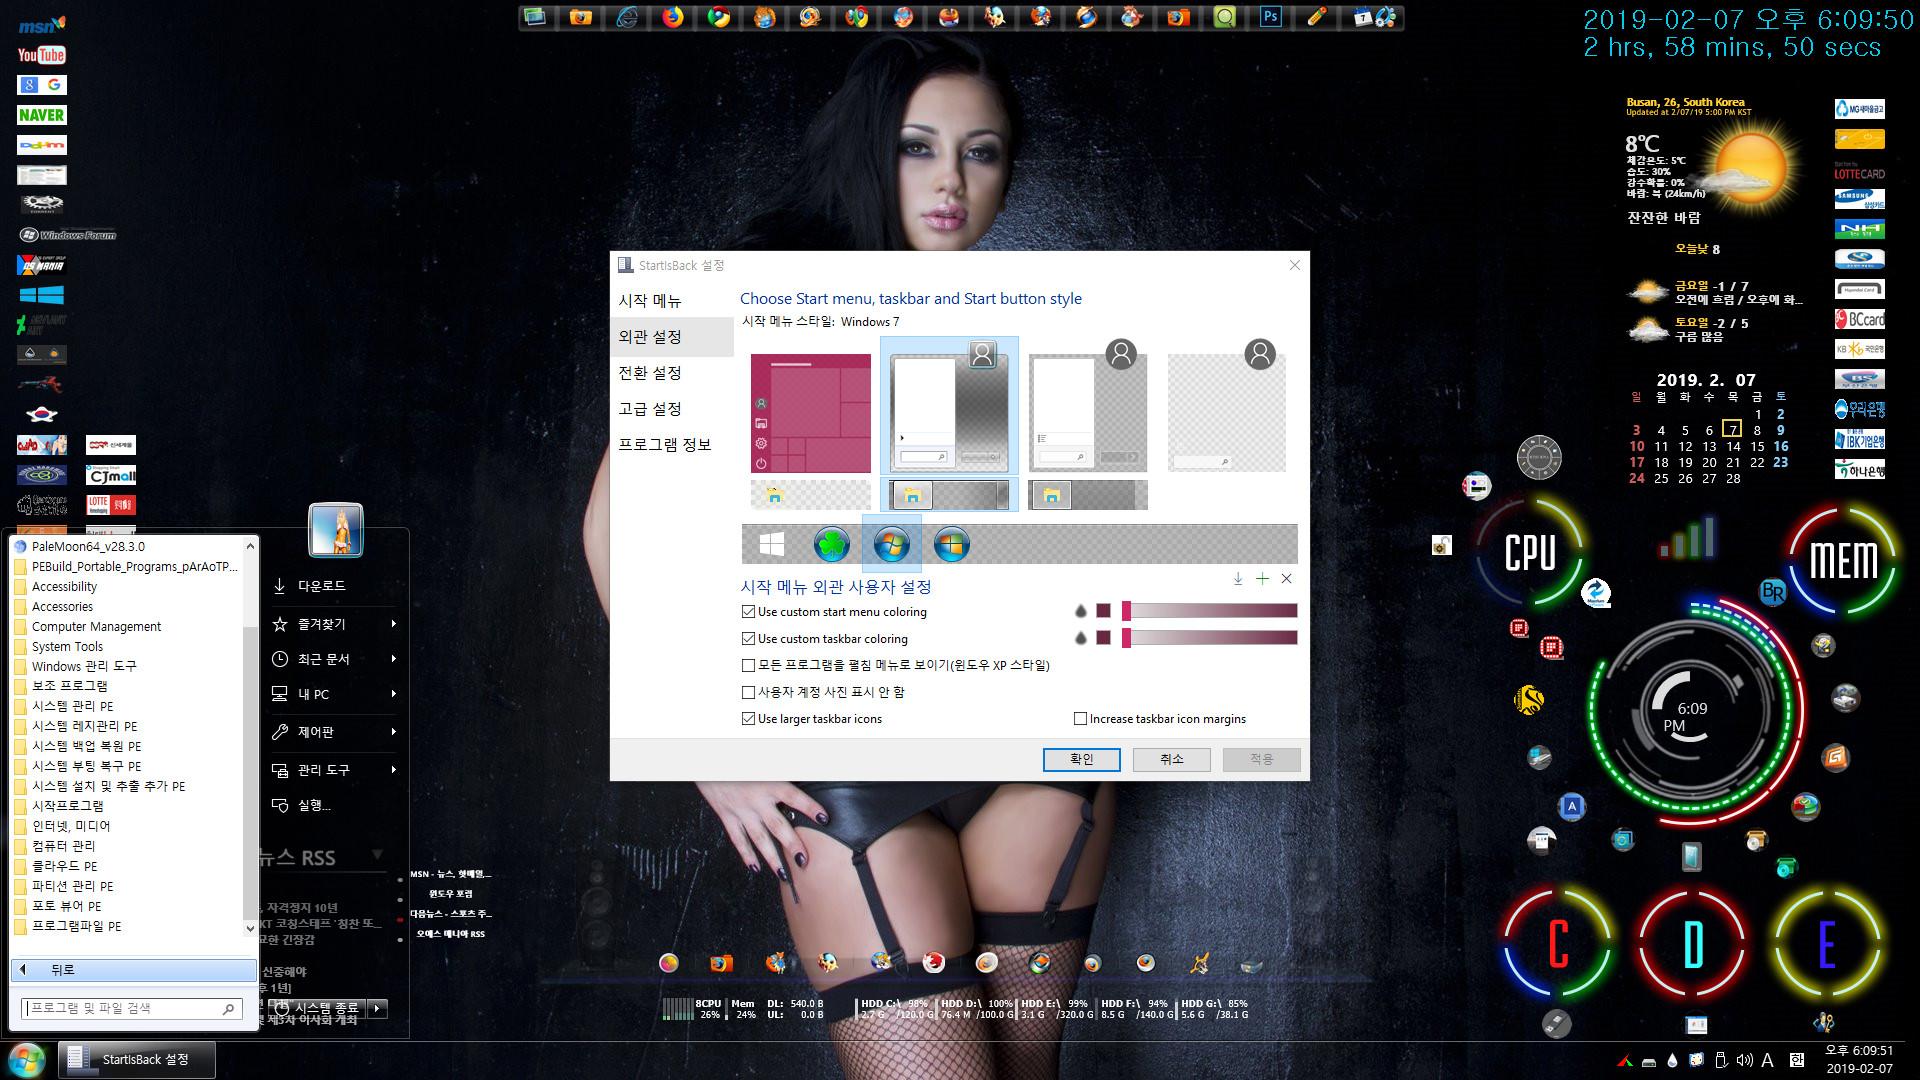 ReMount_pArAoTPg41_0004-01.jpg